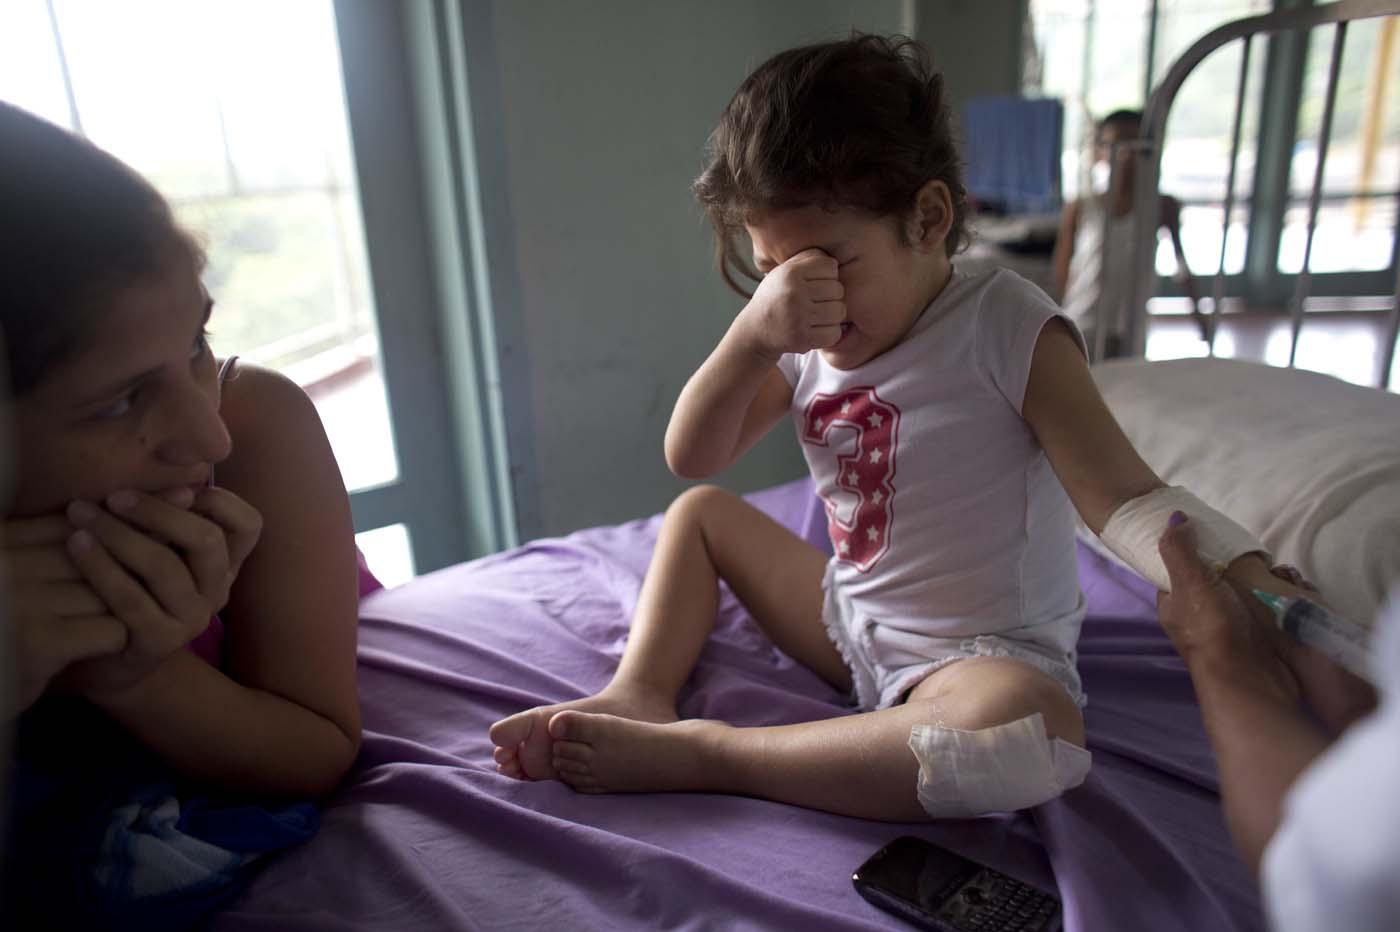 En esta imagen, tomada el 24 de agosto de 2016, Ashley Pacheco, de 3 años, llora mientras recibe una inyección ante la atenta mirada de su madre, en el hospital universitario de Caracas, Venezuela. Dos semanas después de sufrir un raspón en una rodilla, la niña se retorcía de dolor en la cama de un hospital. Le costaba respirar e imploraba a sus padres que le llevasen agua. (AP Foto/Ariana Cubillos)